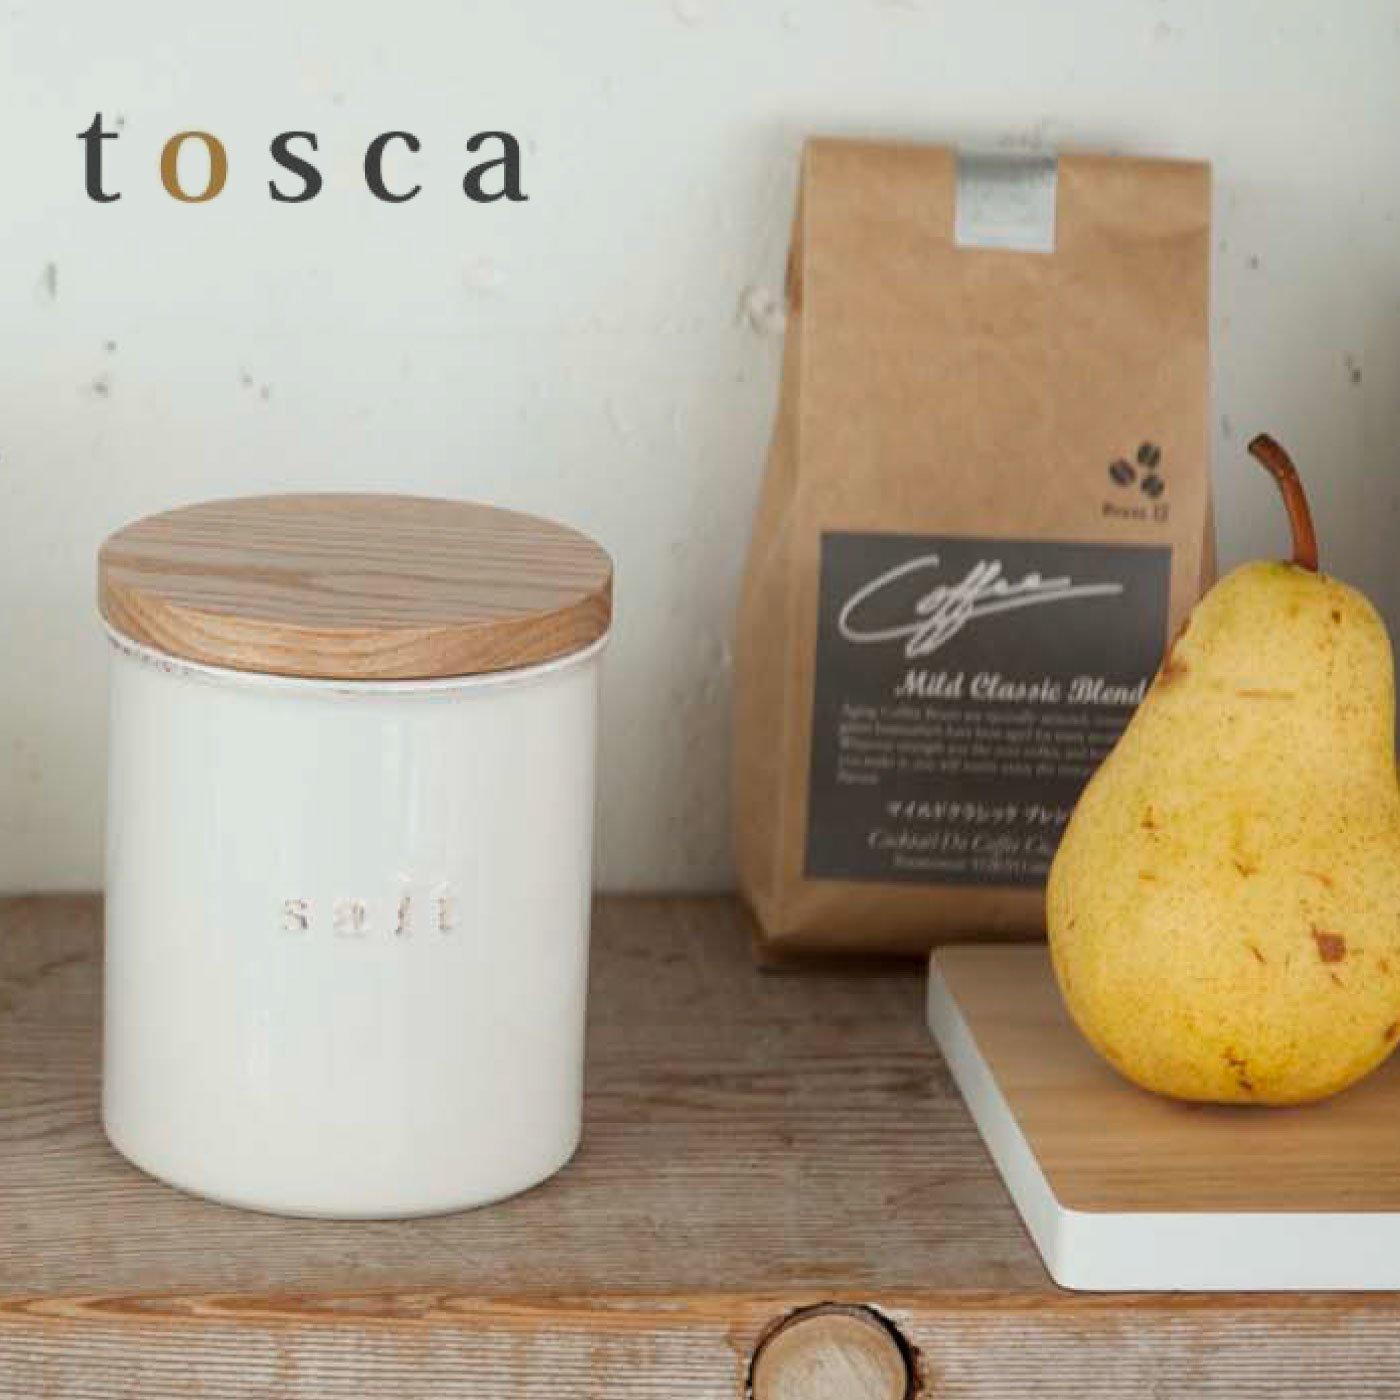 tosca 陶器キャニスター ソルト